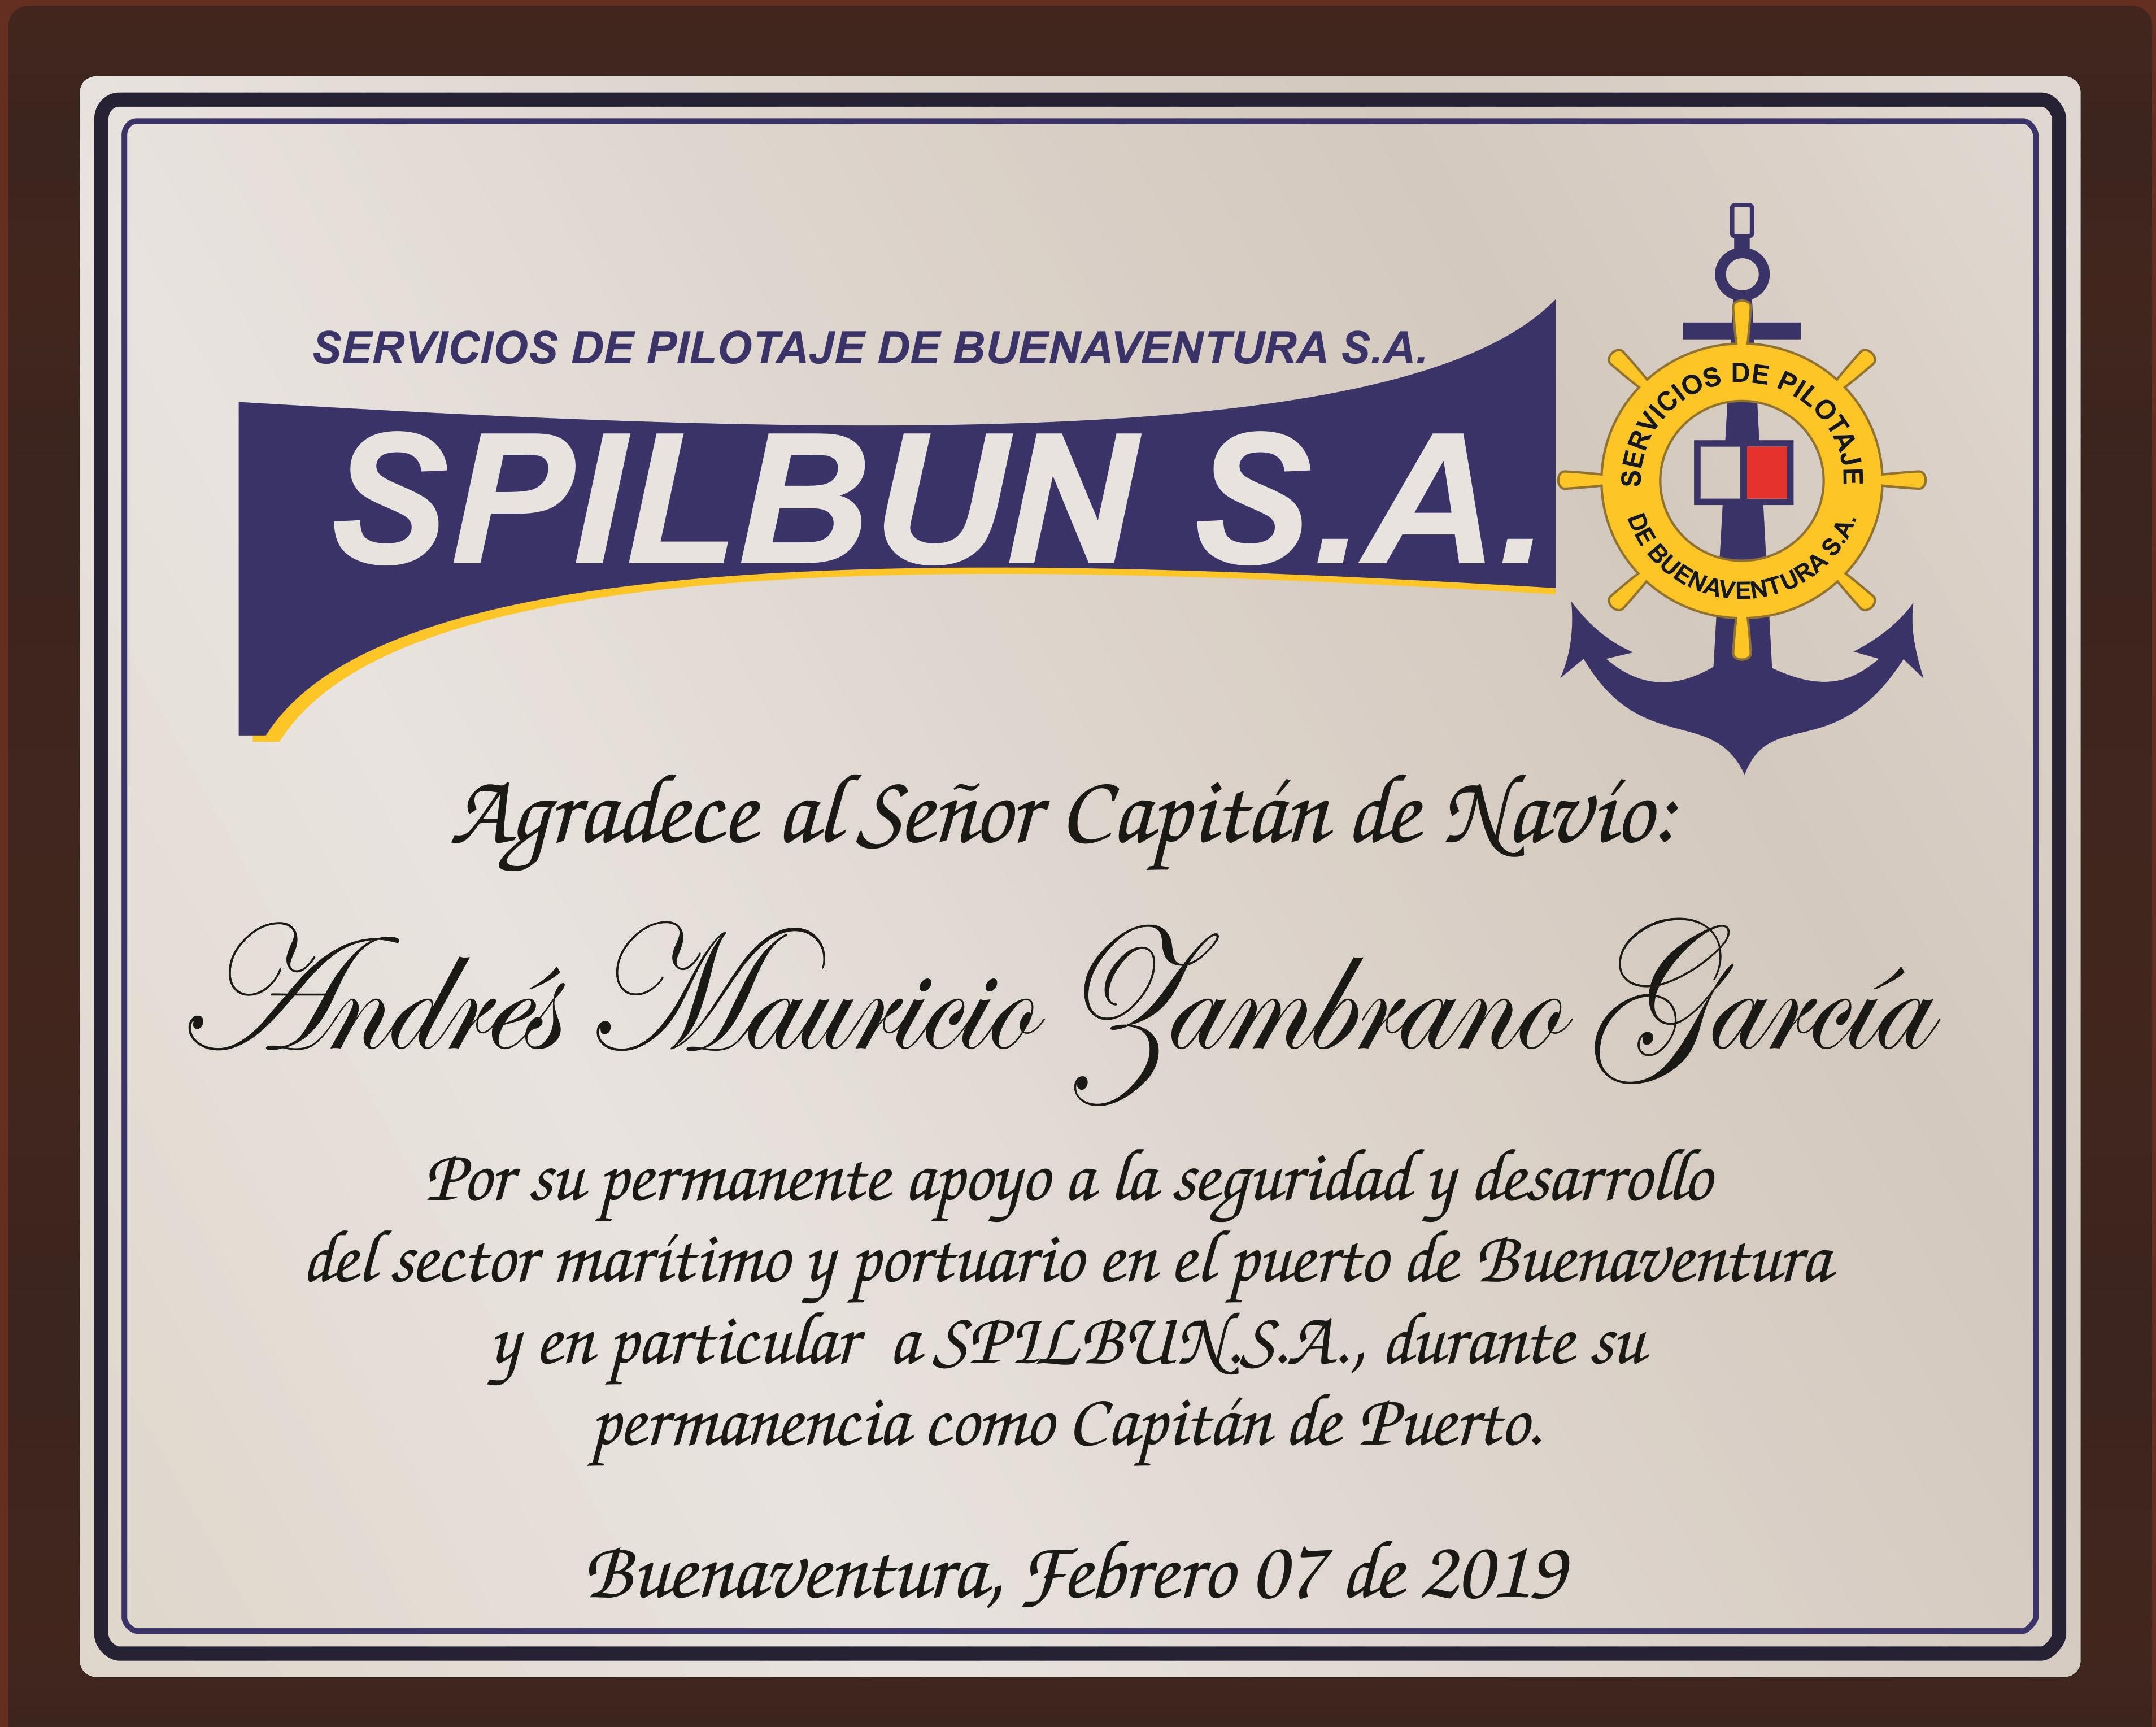 PLACA CAPITAN ANDRES MAURICIO ZAMBRANO